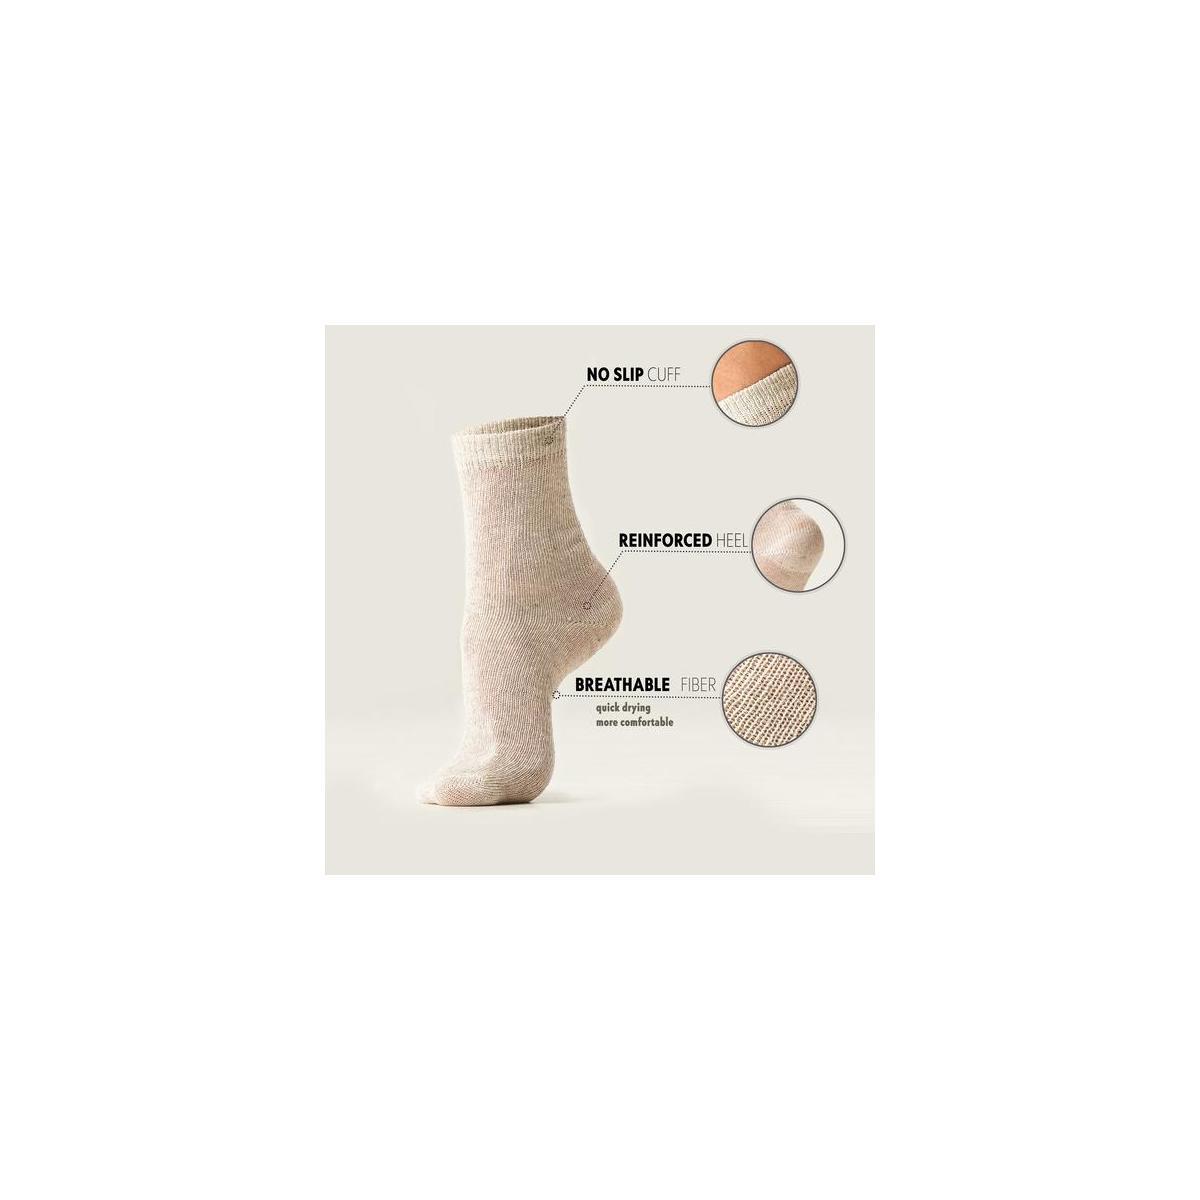 Natural Hemp Walking Socks – Cool Set of 3 Pairs - White